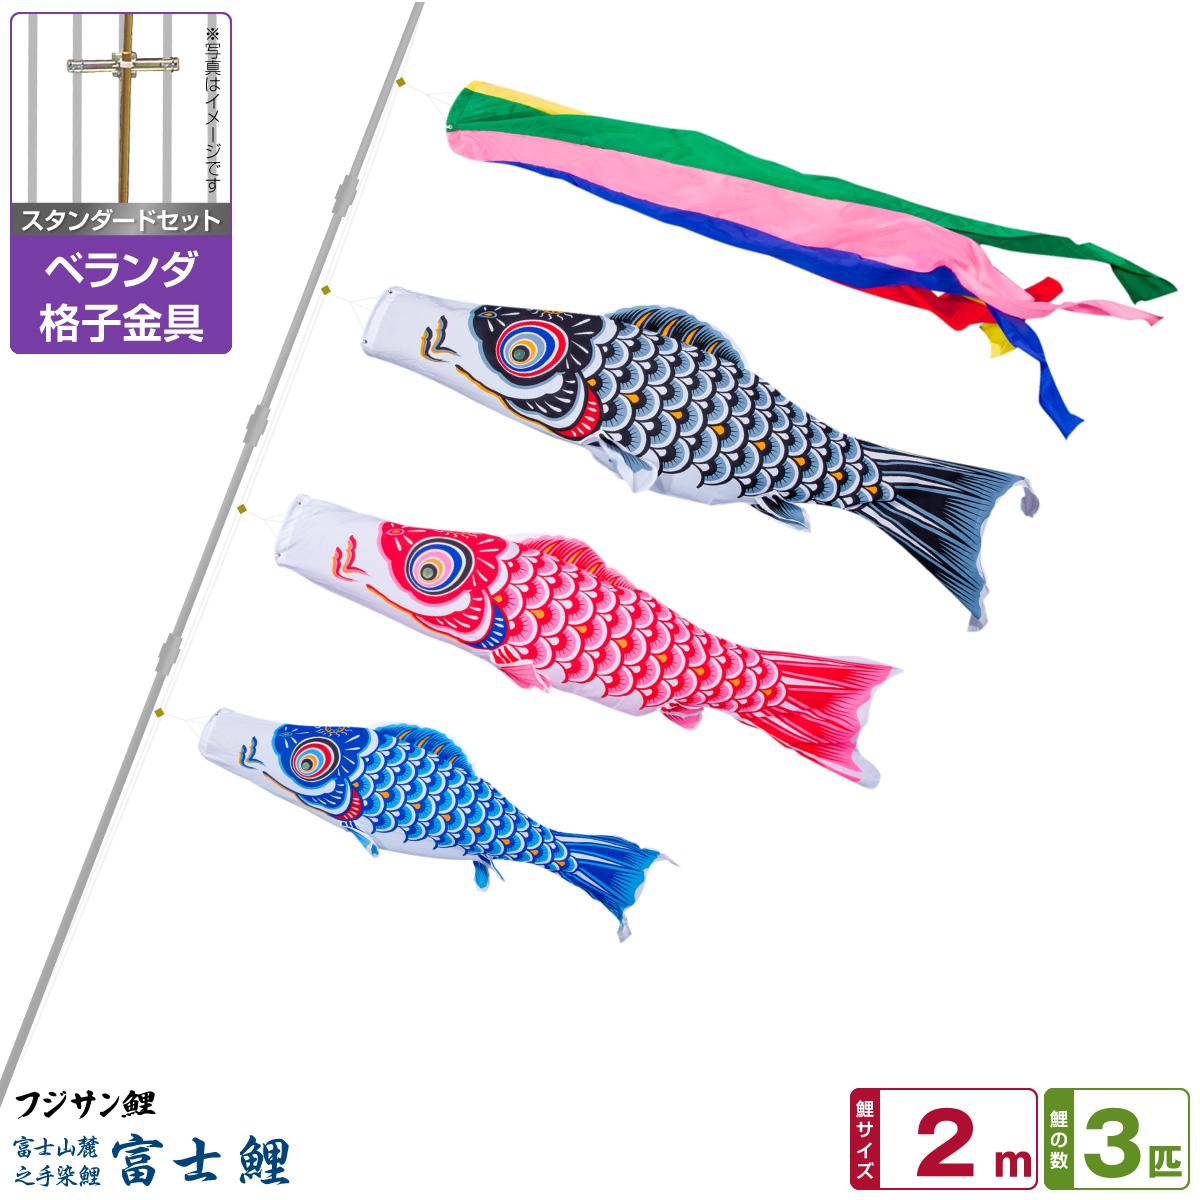 ベランダ用 こいのぼり 鯉のぼり フジサン鯉 富士鯉 2m 6点(吹流し+鯉3匹+矢車+ロープ)/スタンダードセット(格子金具)